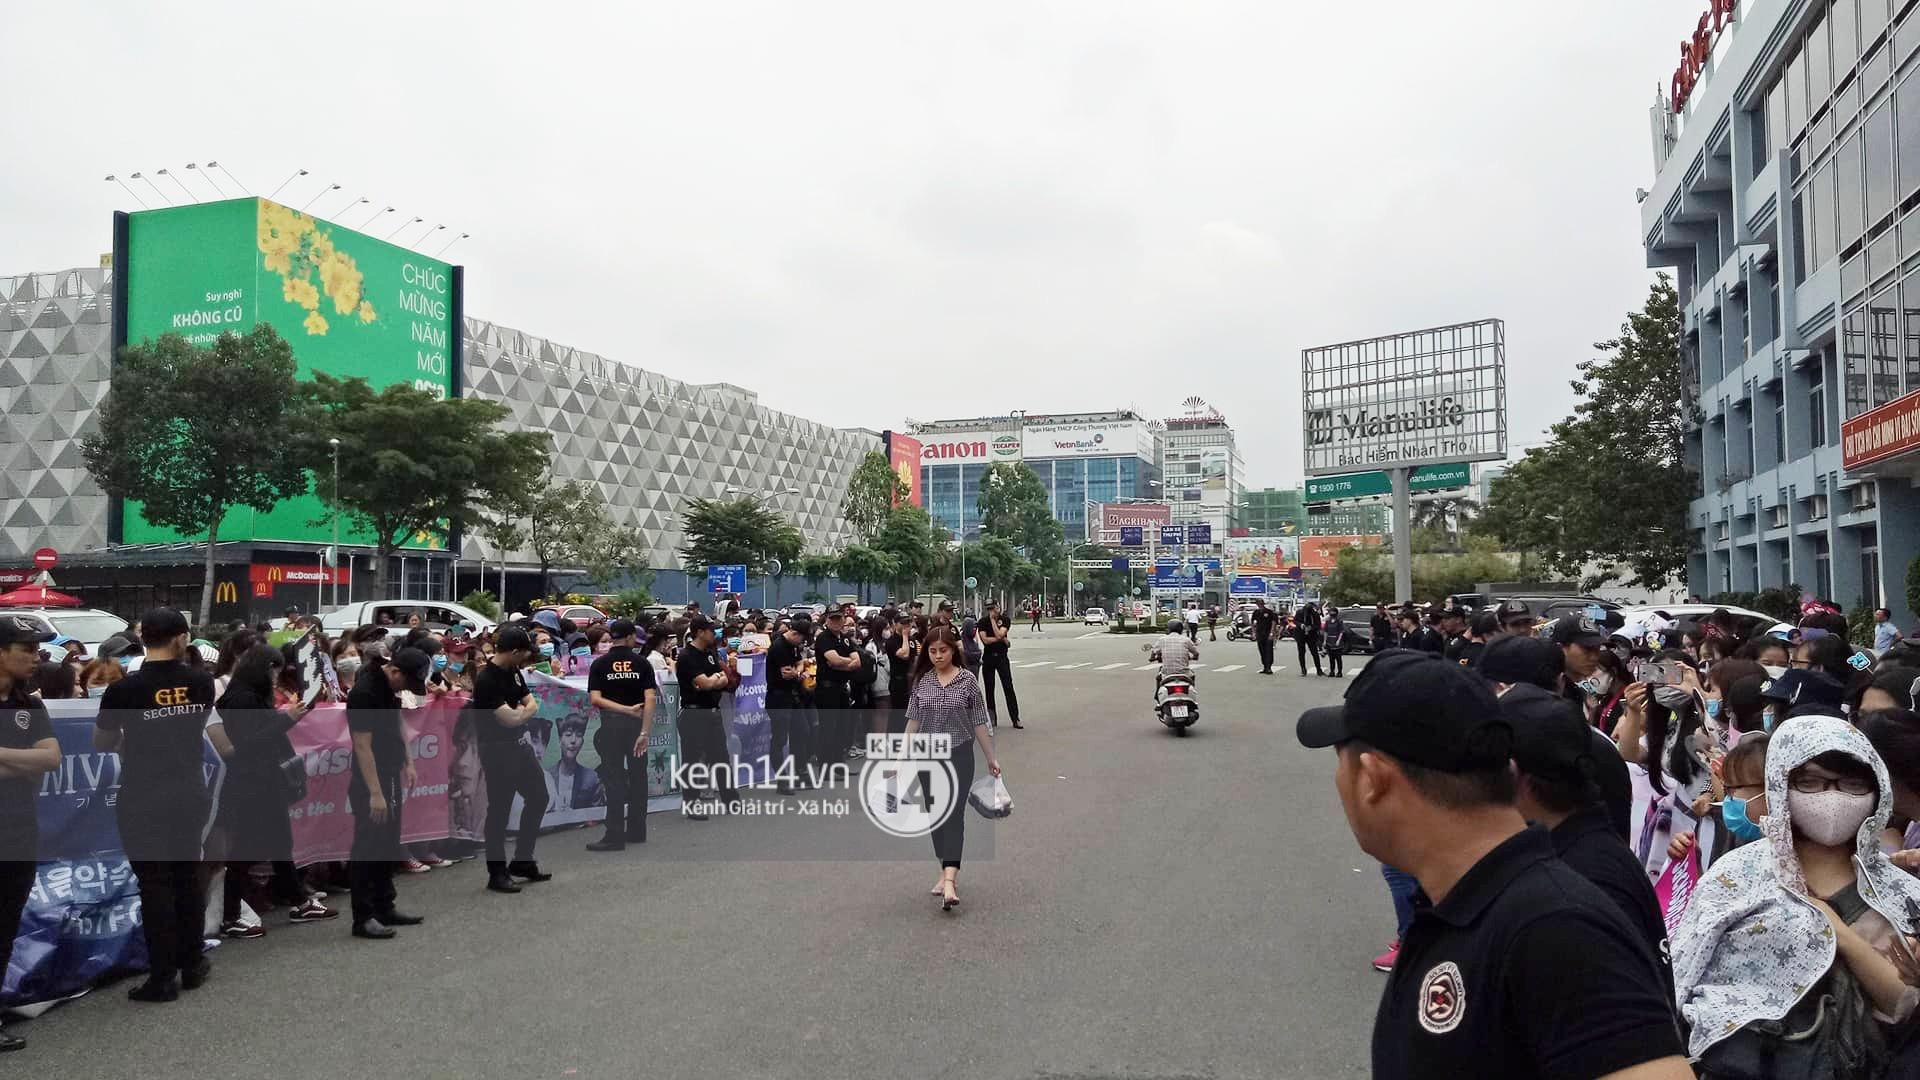 GOT7 cố vẫy chào tại sân bay Tân Sơn Nhất dù trời mưa to, fan Việt gây bất ngờ khi giữ thành hàng ngay ngắn chờ thần tượng - Ảnh 18.